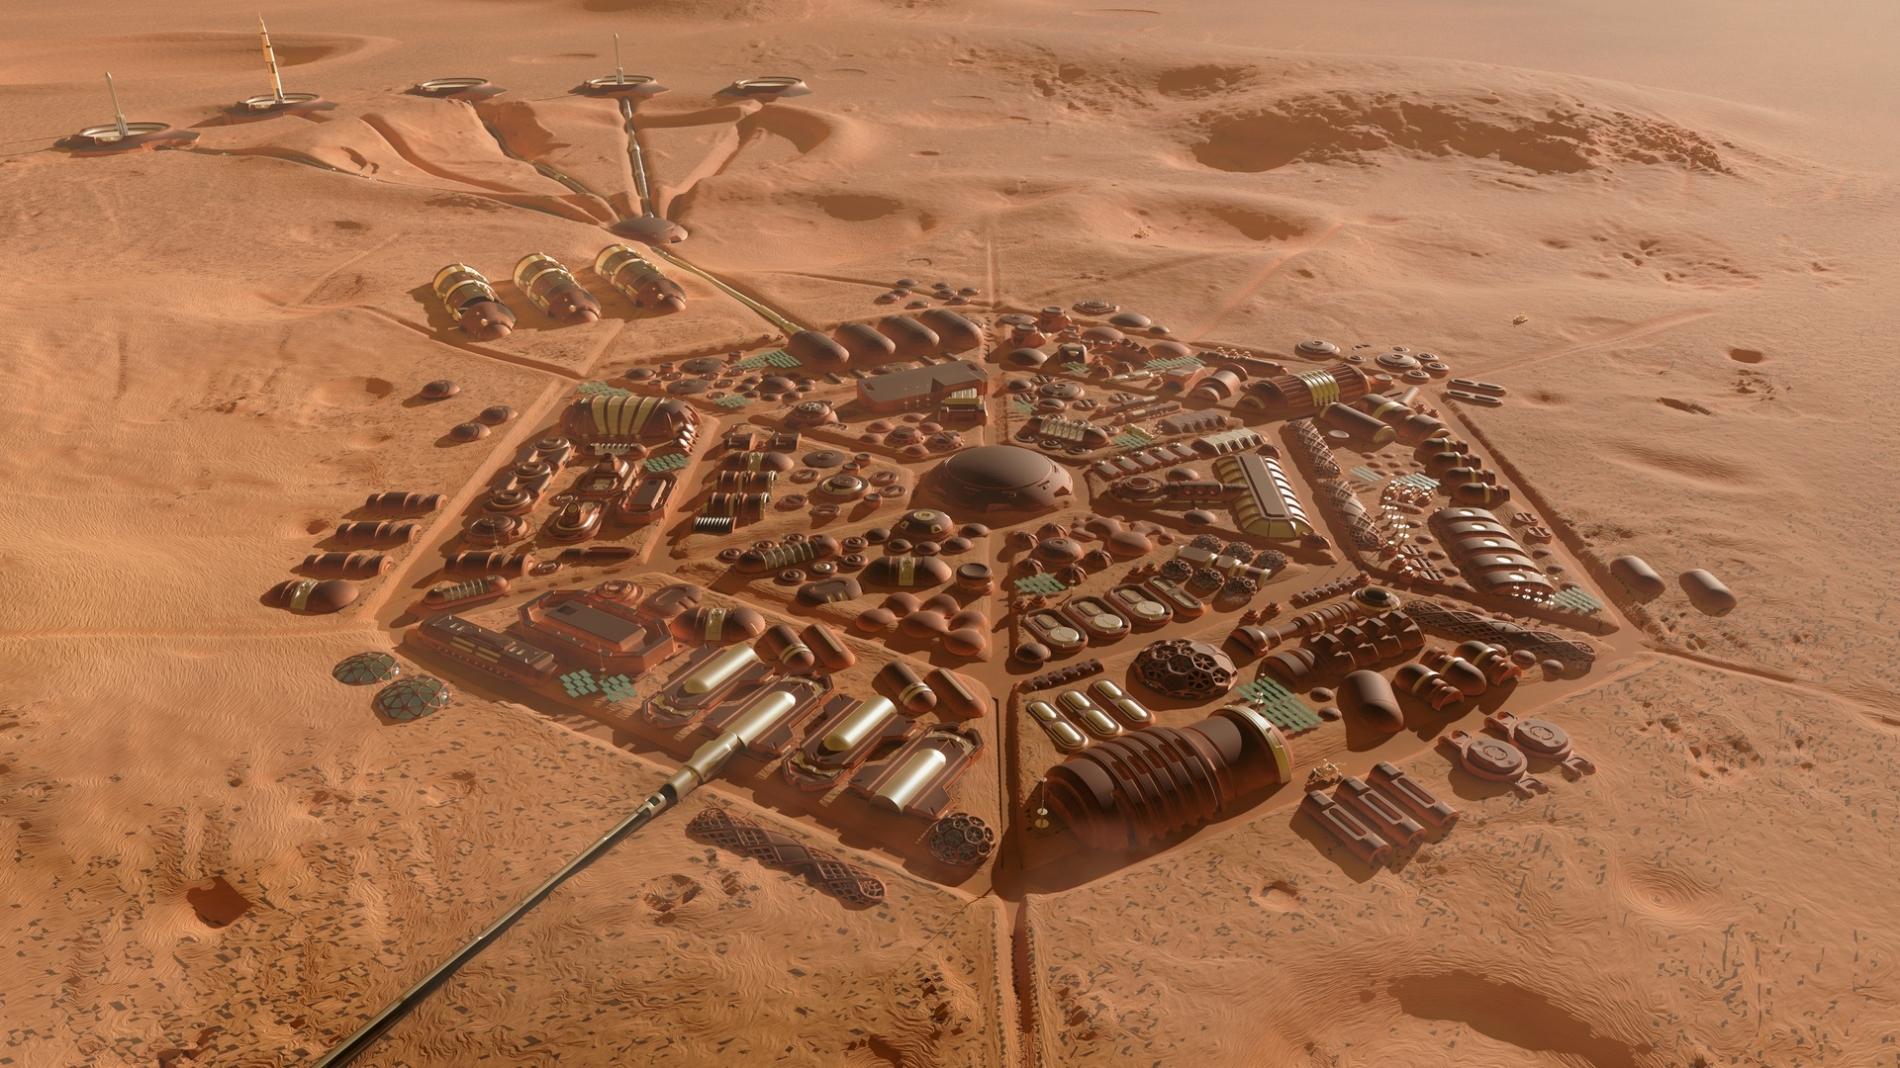 Wizualizacja marsjańskiej osady